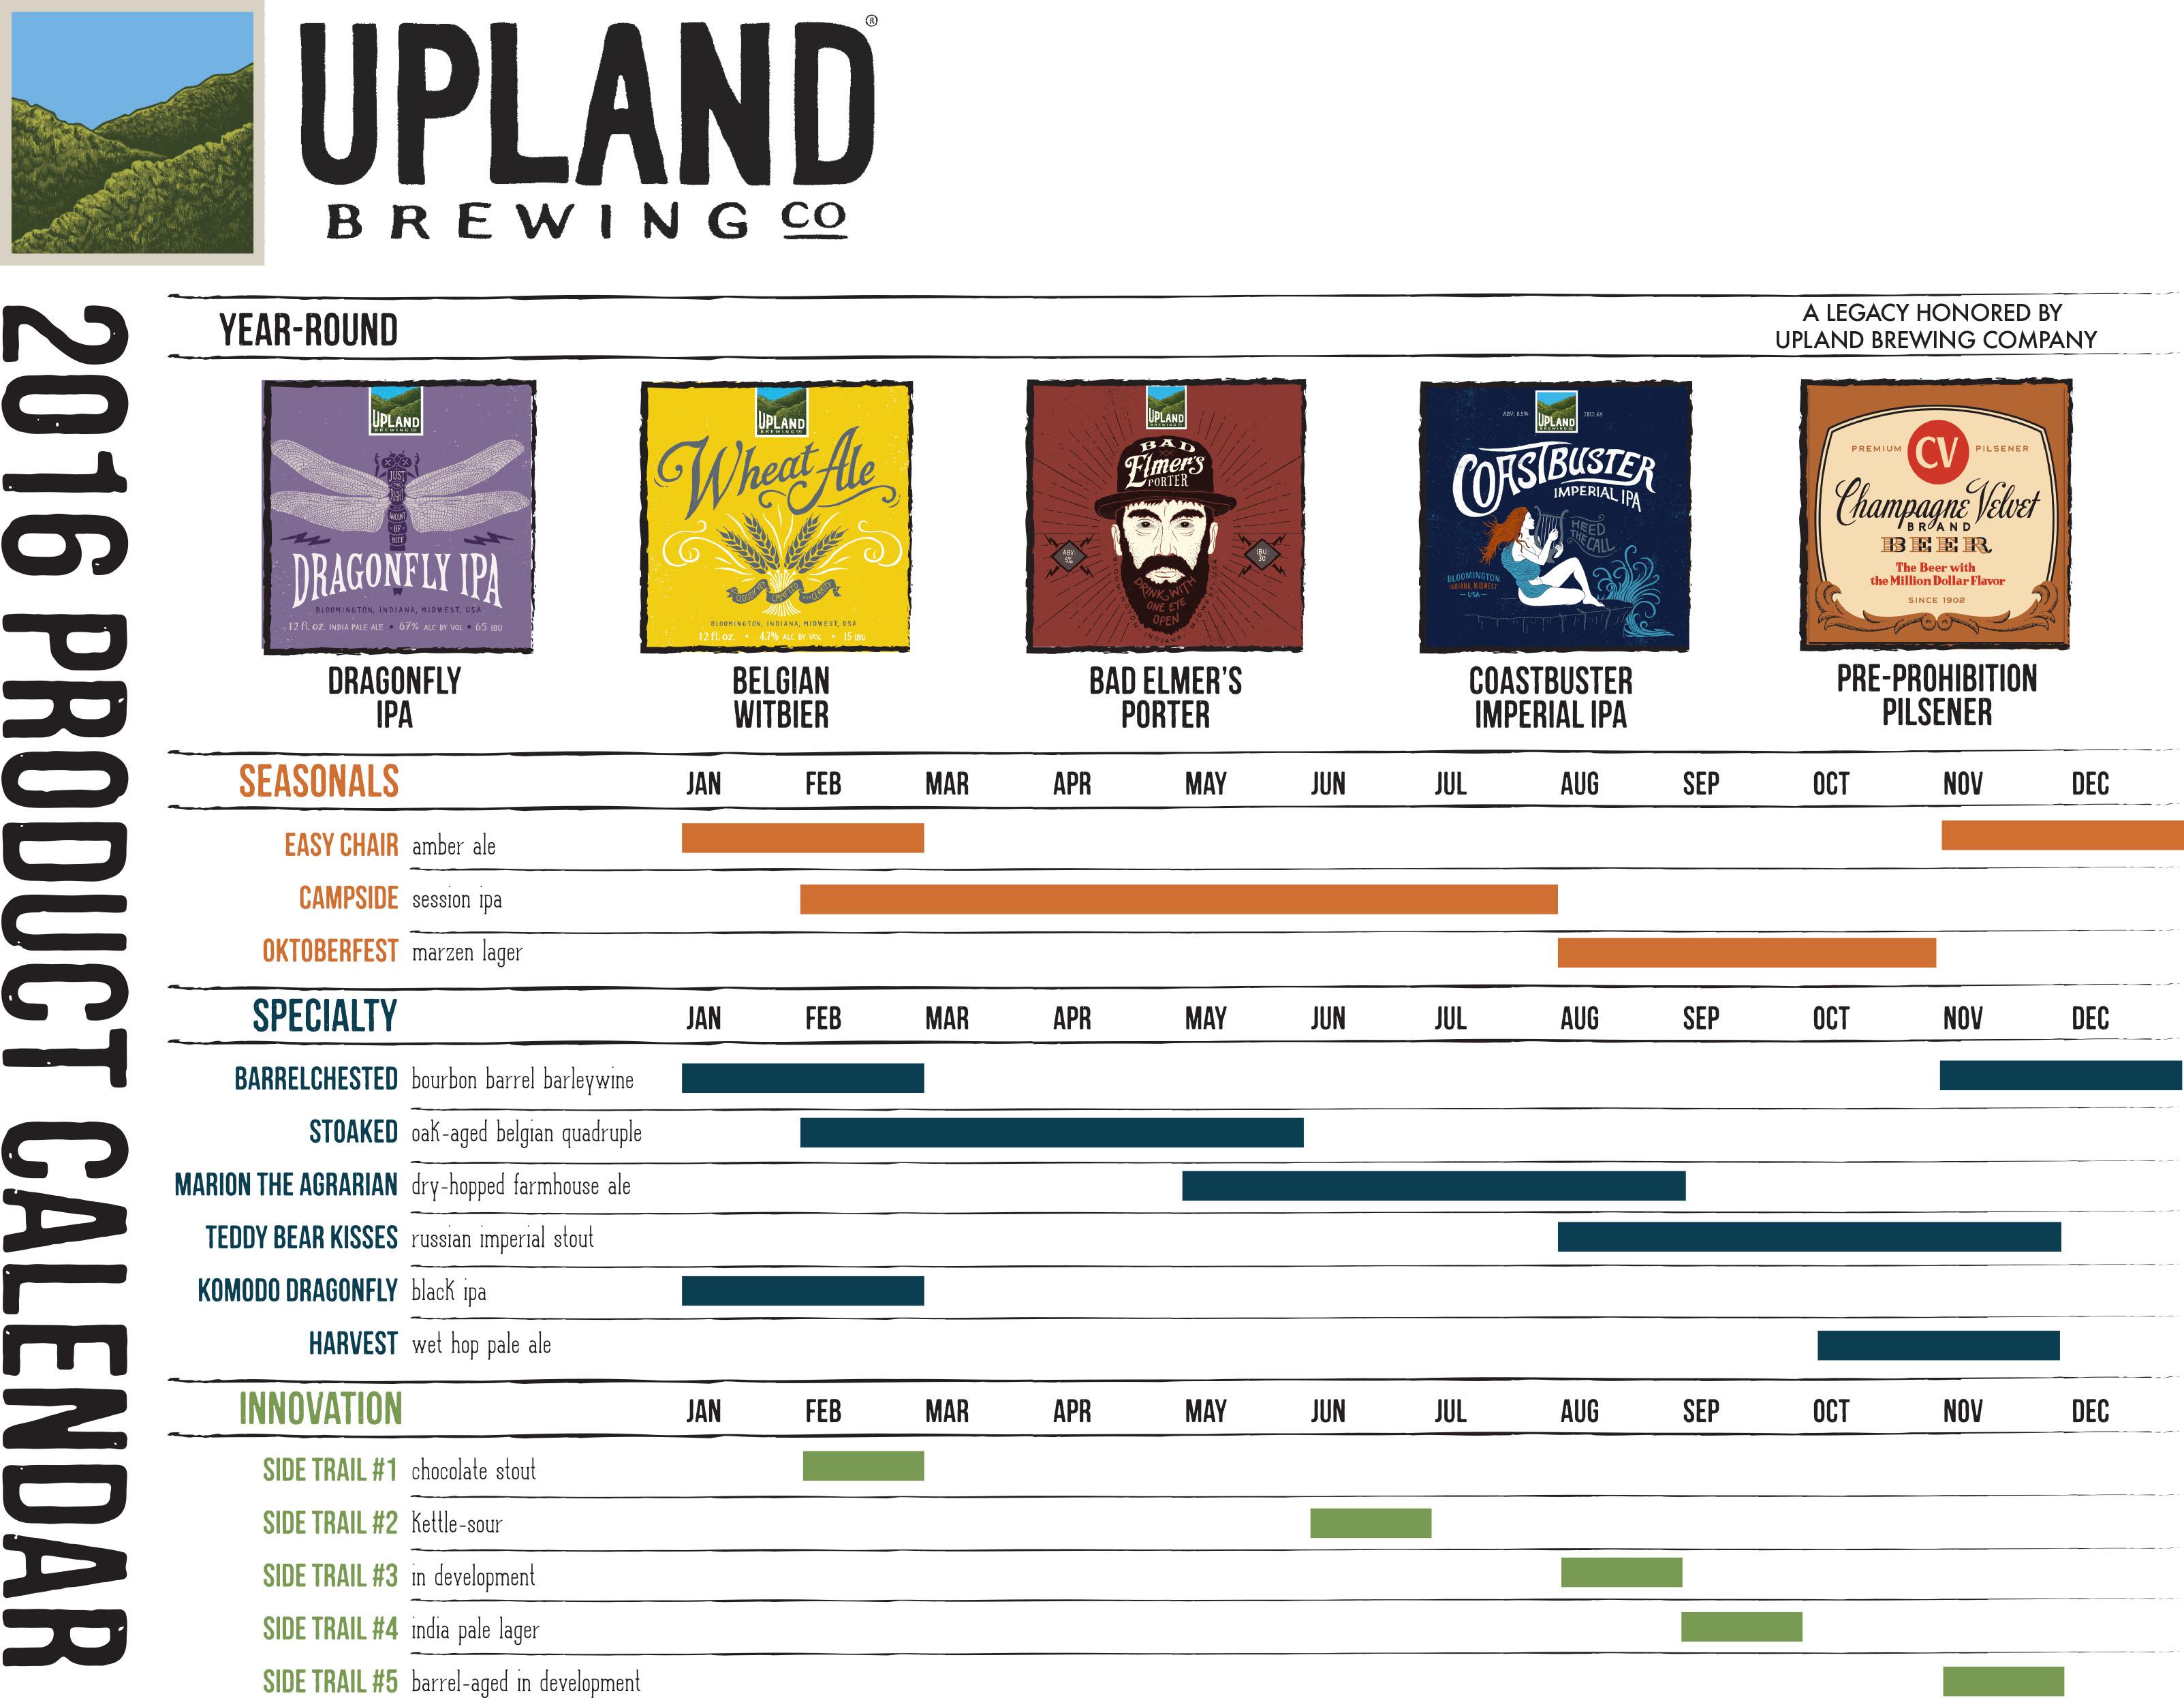 2016 Upland Brewing Beer Release Calendar